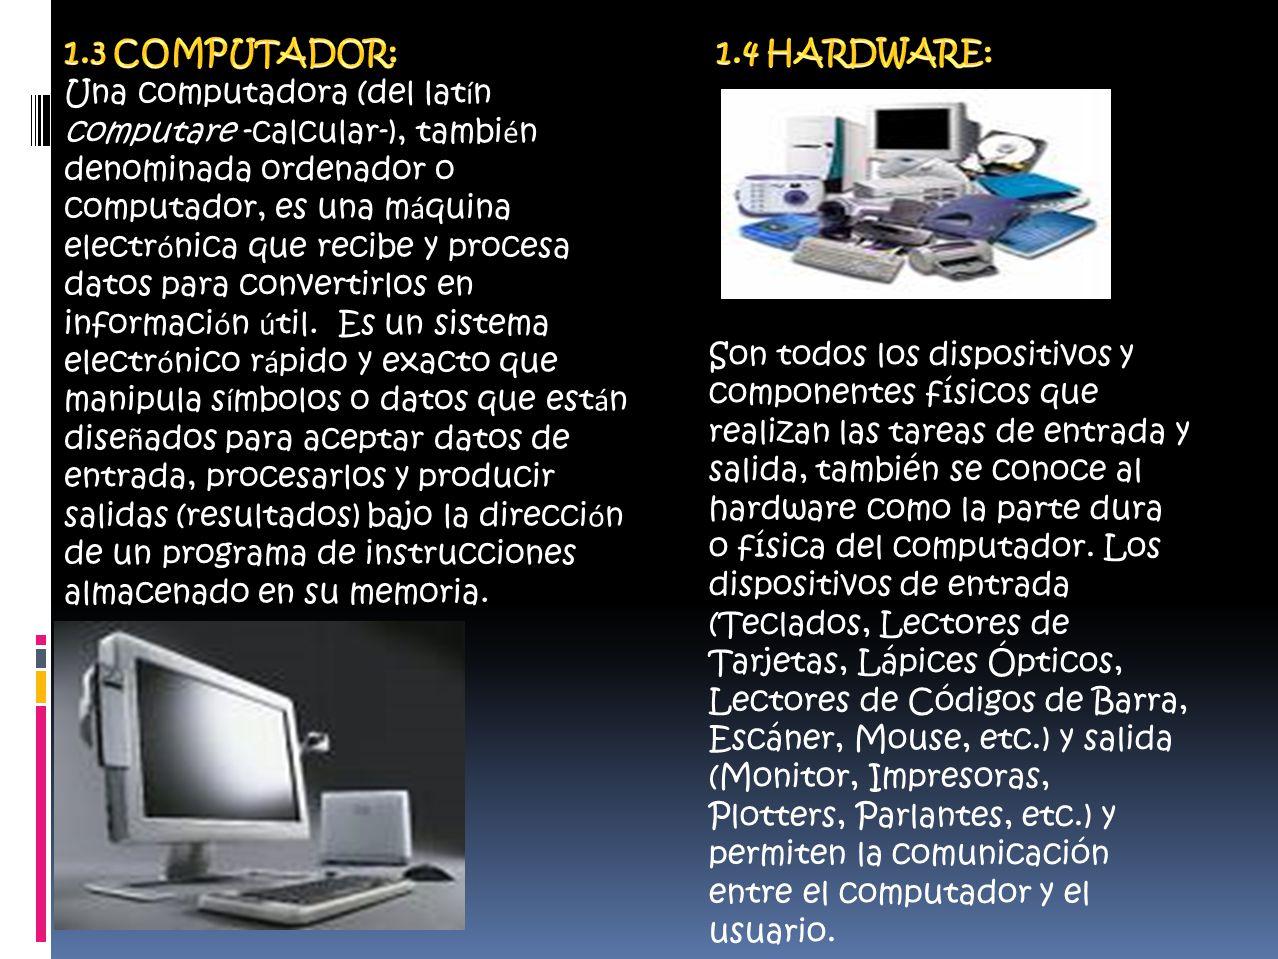 proporciona herramientas para ayudar al programador a escribir programas informáticos y a usar diferentes lenguajes de programación de forma práctica.